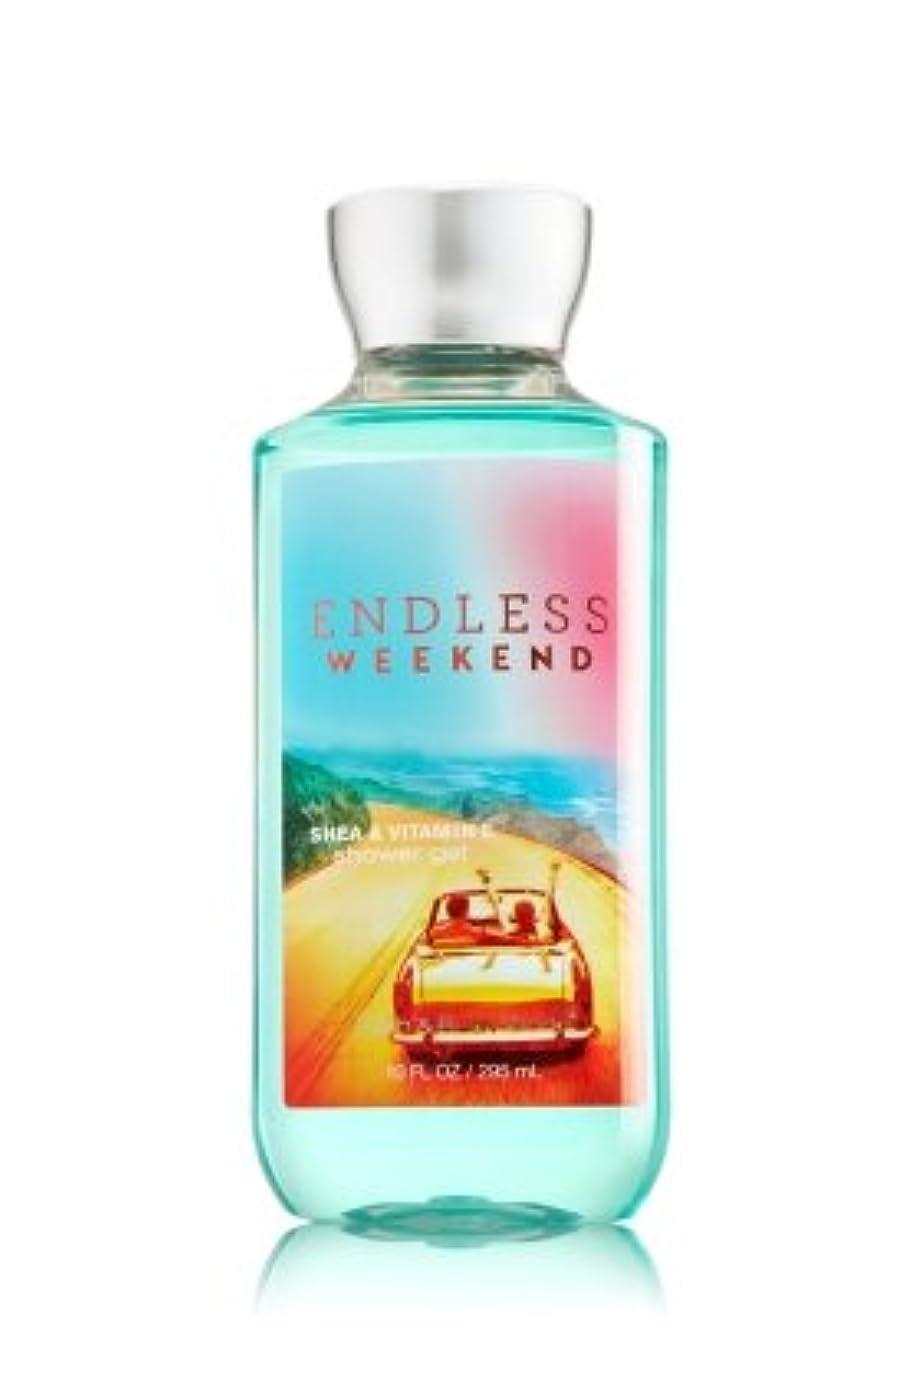 溶ける凝視怠な【Bath&Body Works/バス&ボディワークス】 シャワージェル エンドレスウィークエンド Shower Gel Endless Weekend 10 fl oz / 295 mL [並行輸入品]